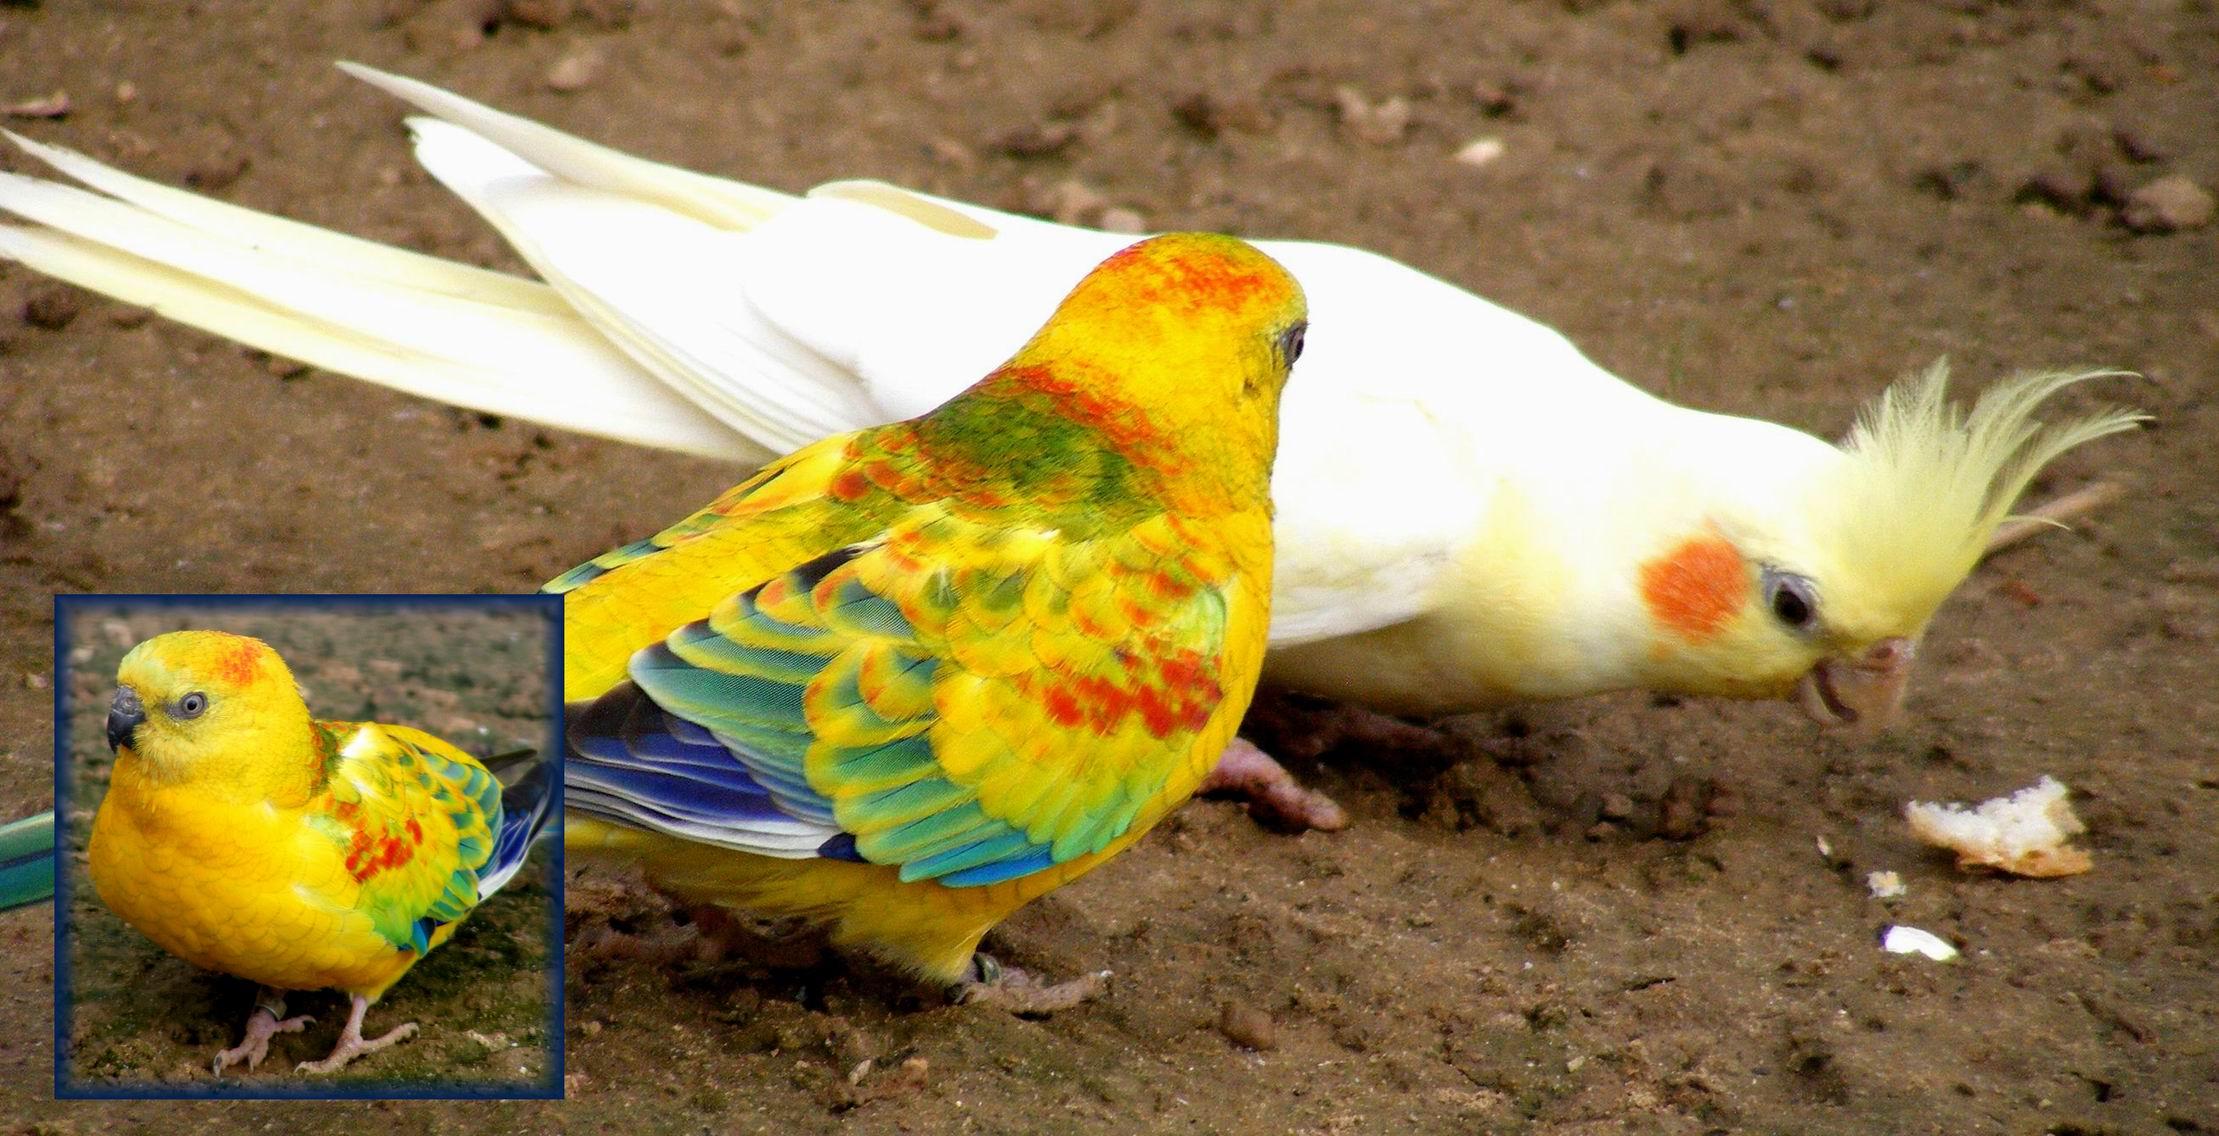 Корелла (нимфа). Парк птиц 'Воробьи'